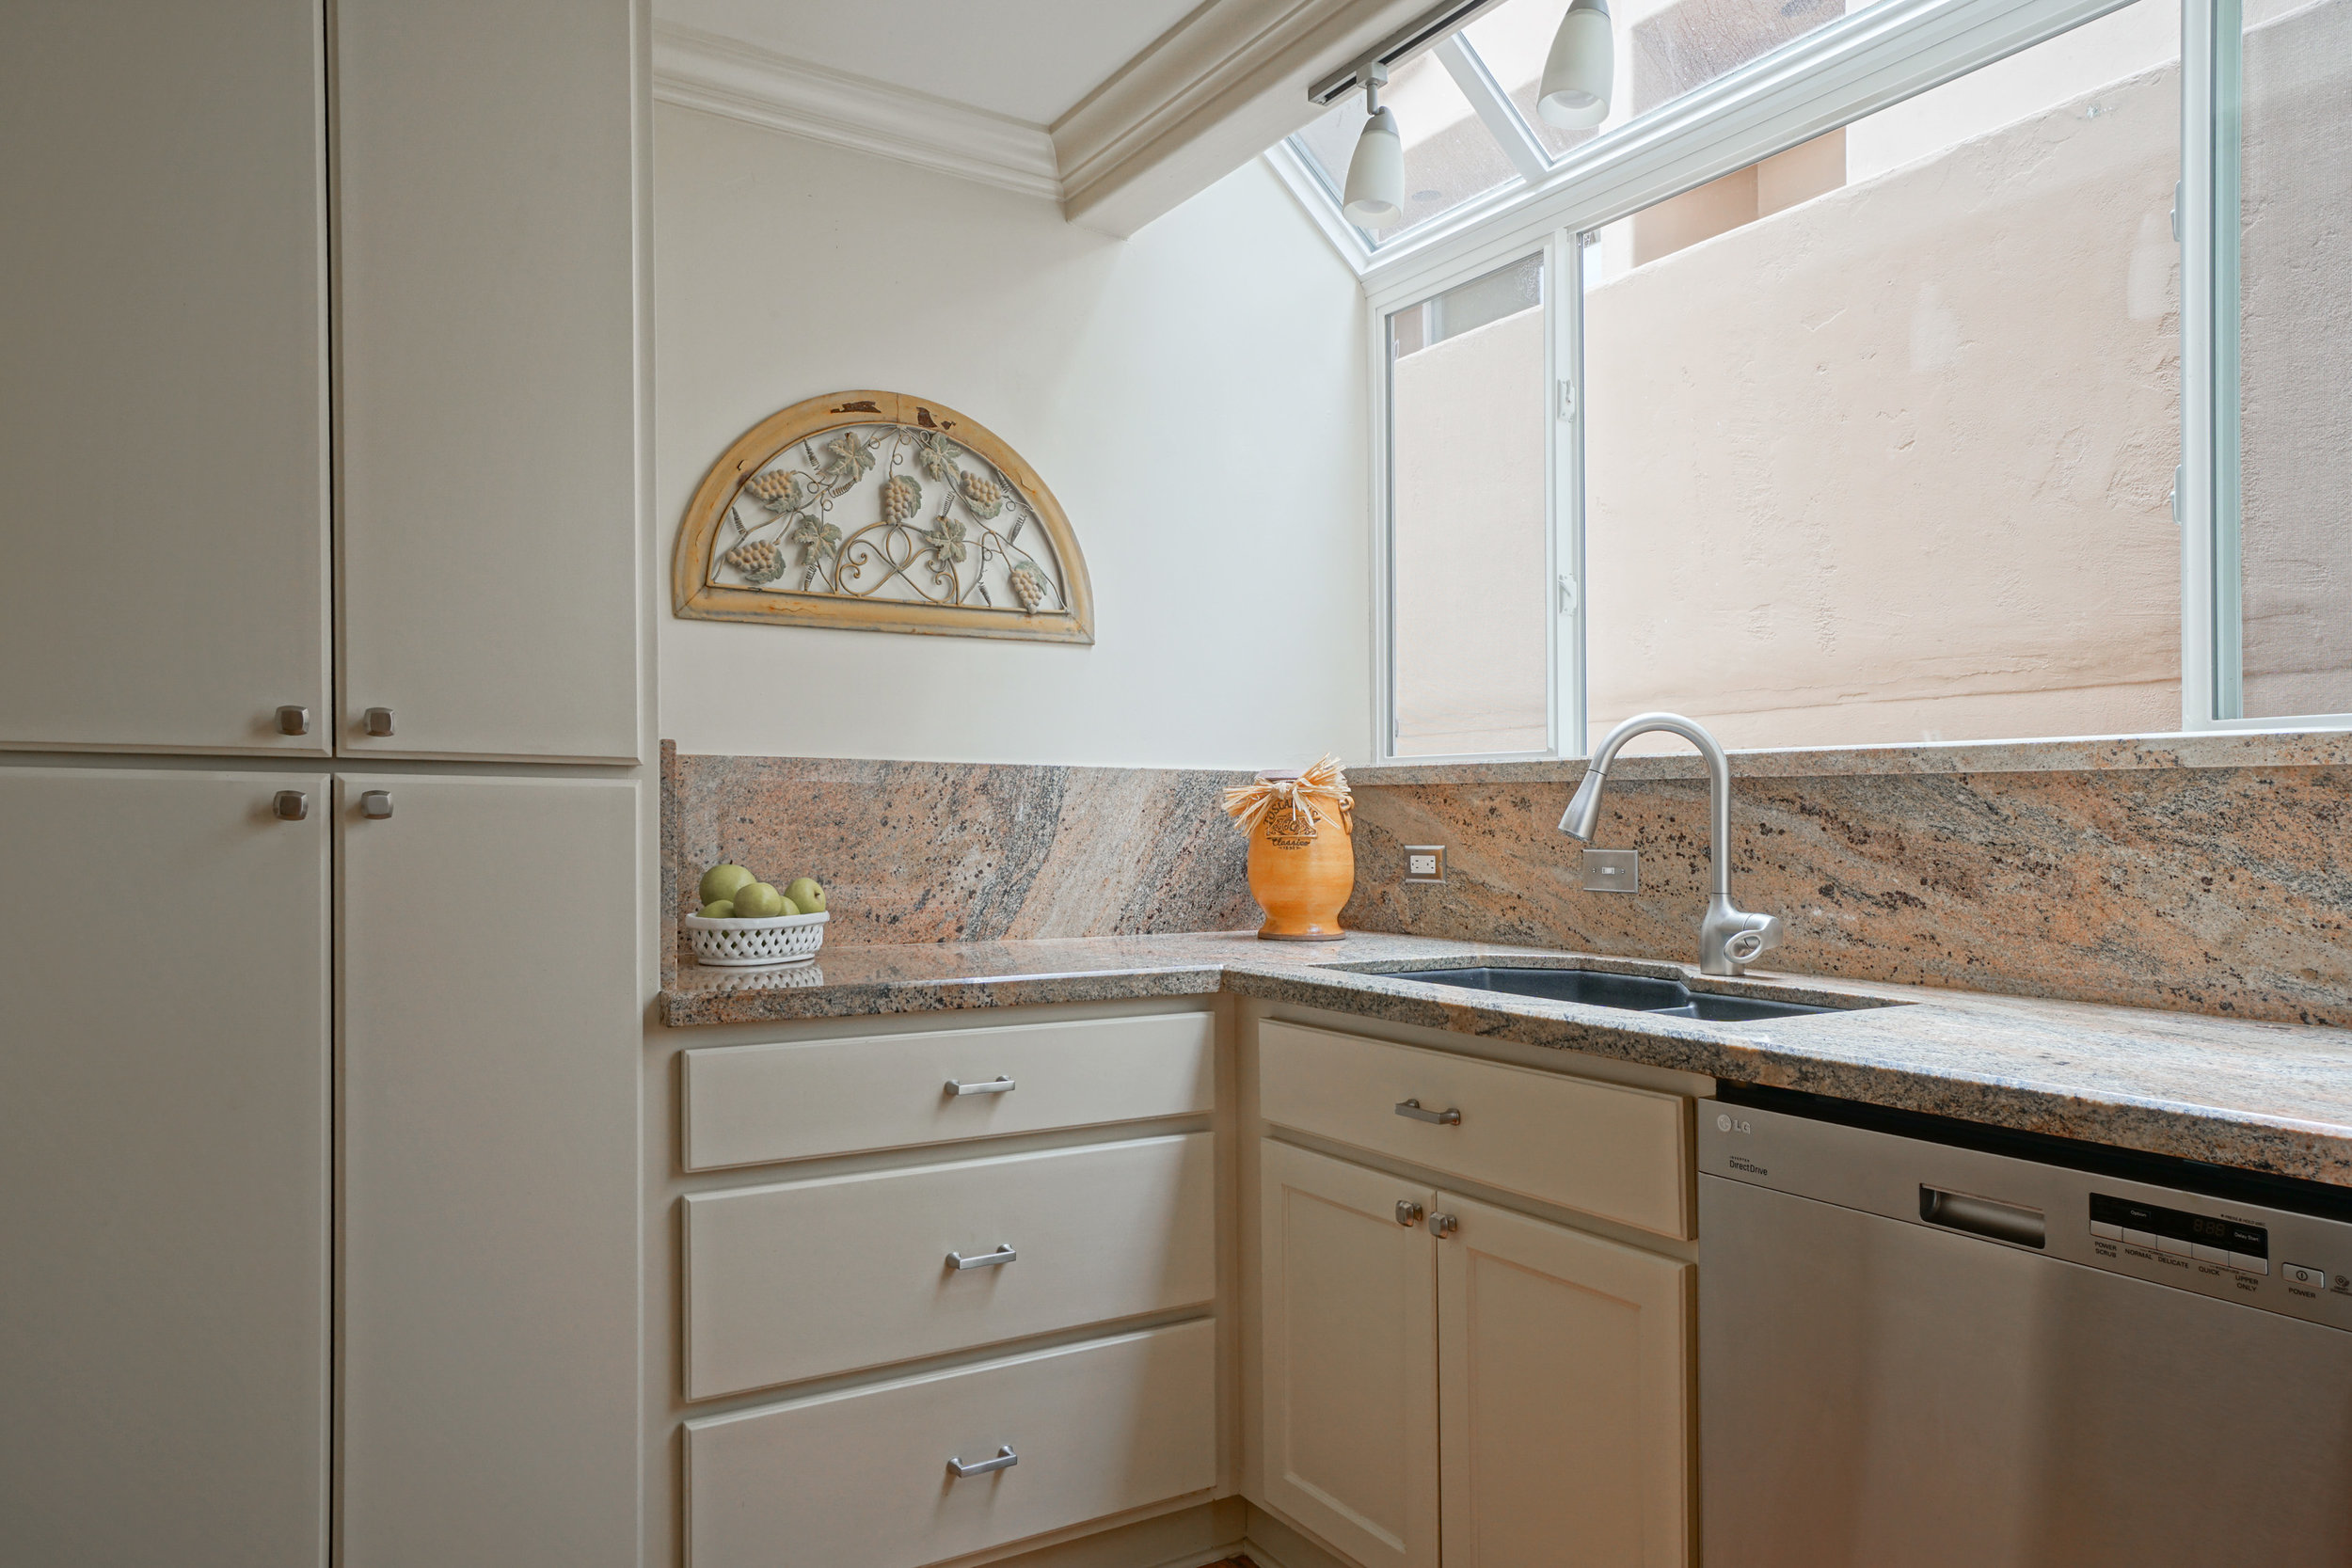 13 kitchen 3.jpg